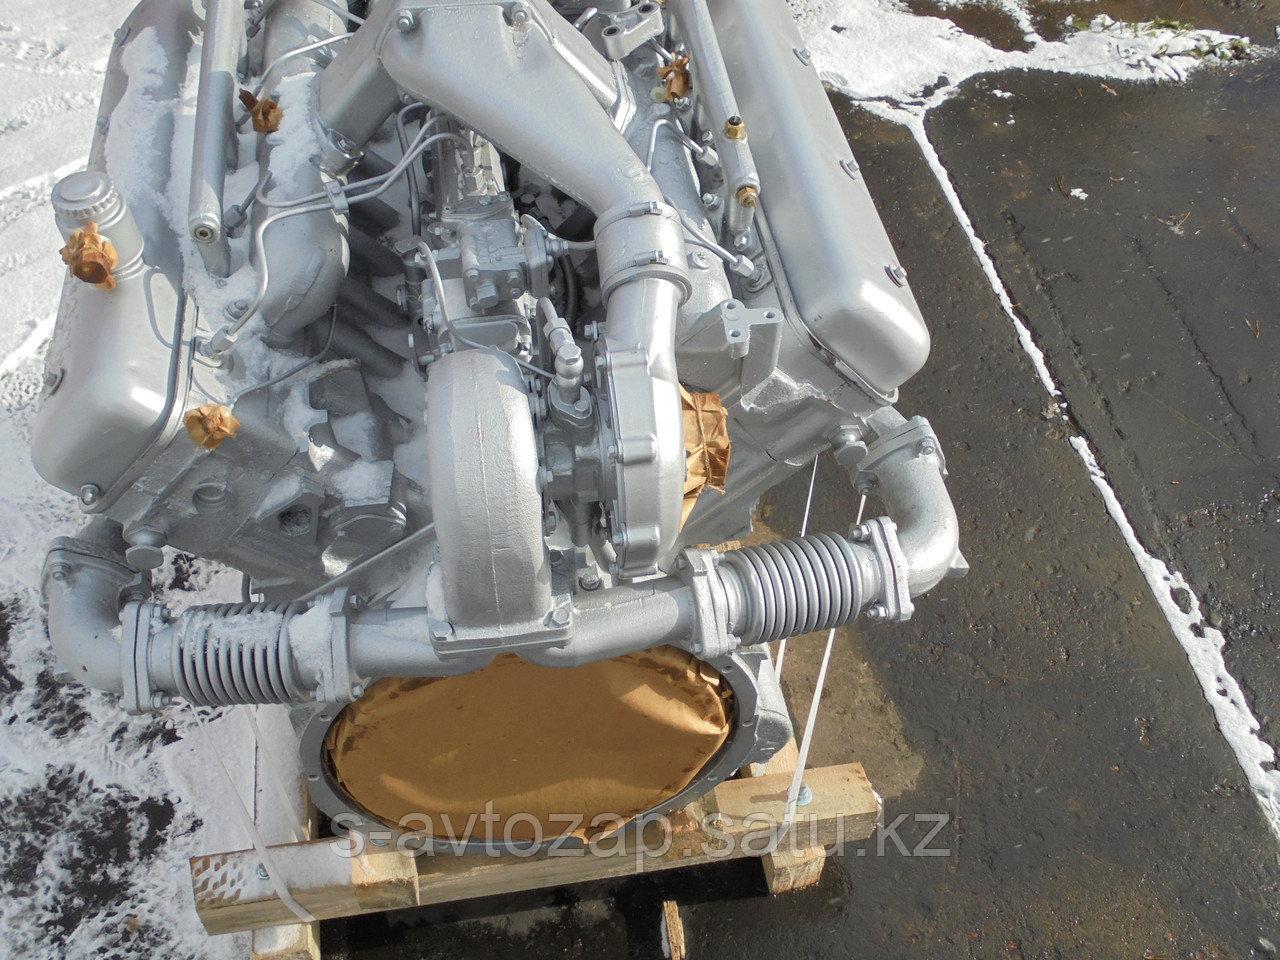 Двигатель без коробки передач и сцепления осн. комплектации (ПАО Автодизель) для двигателя ЯМЗ  238НД6-1000186